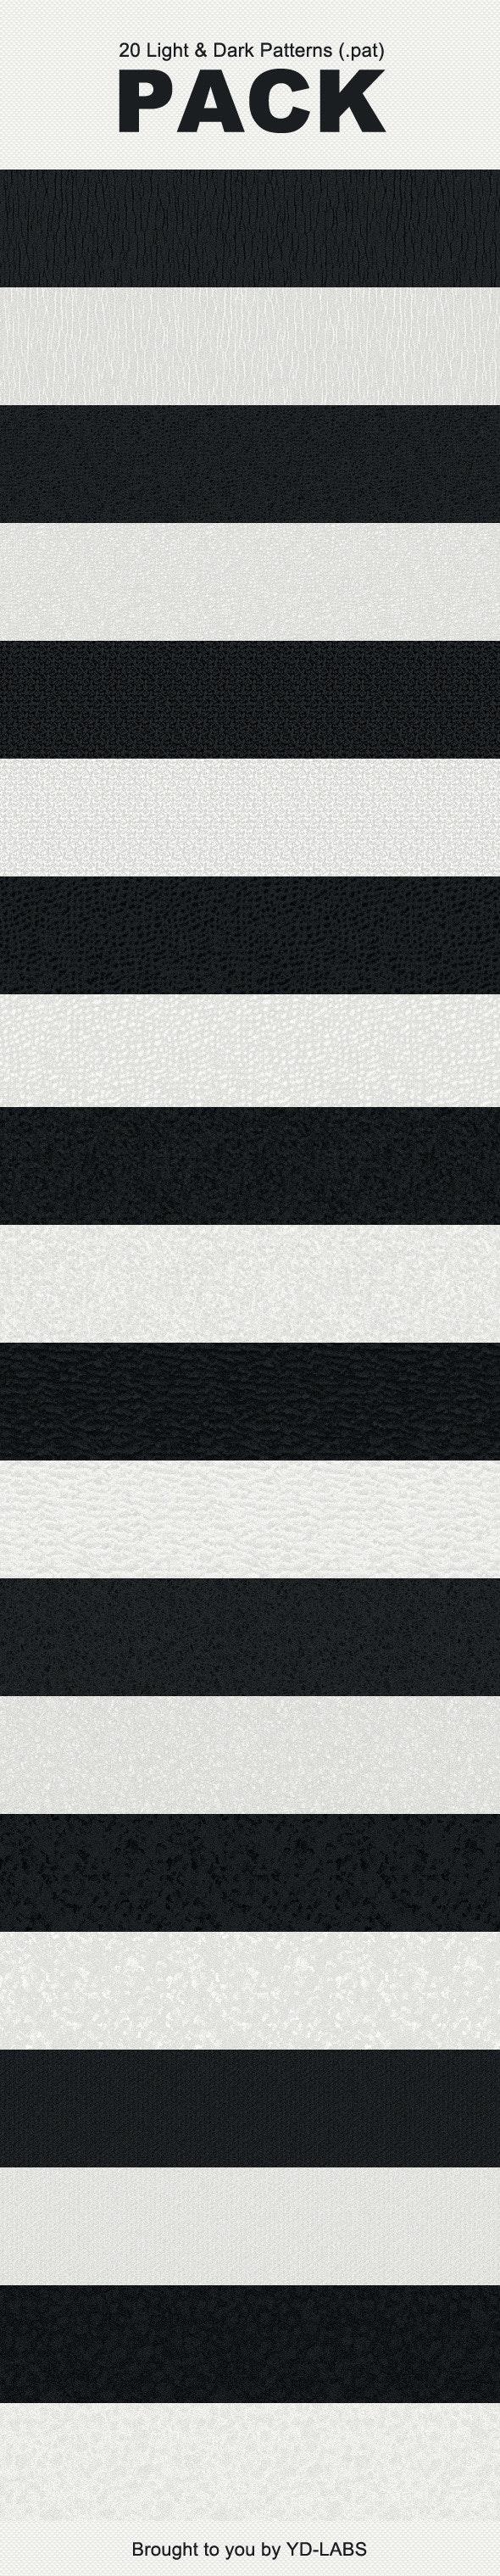 20 Light & Dark Patterns - Textures / Fills / Patterns Photoshop